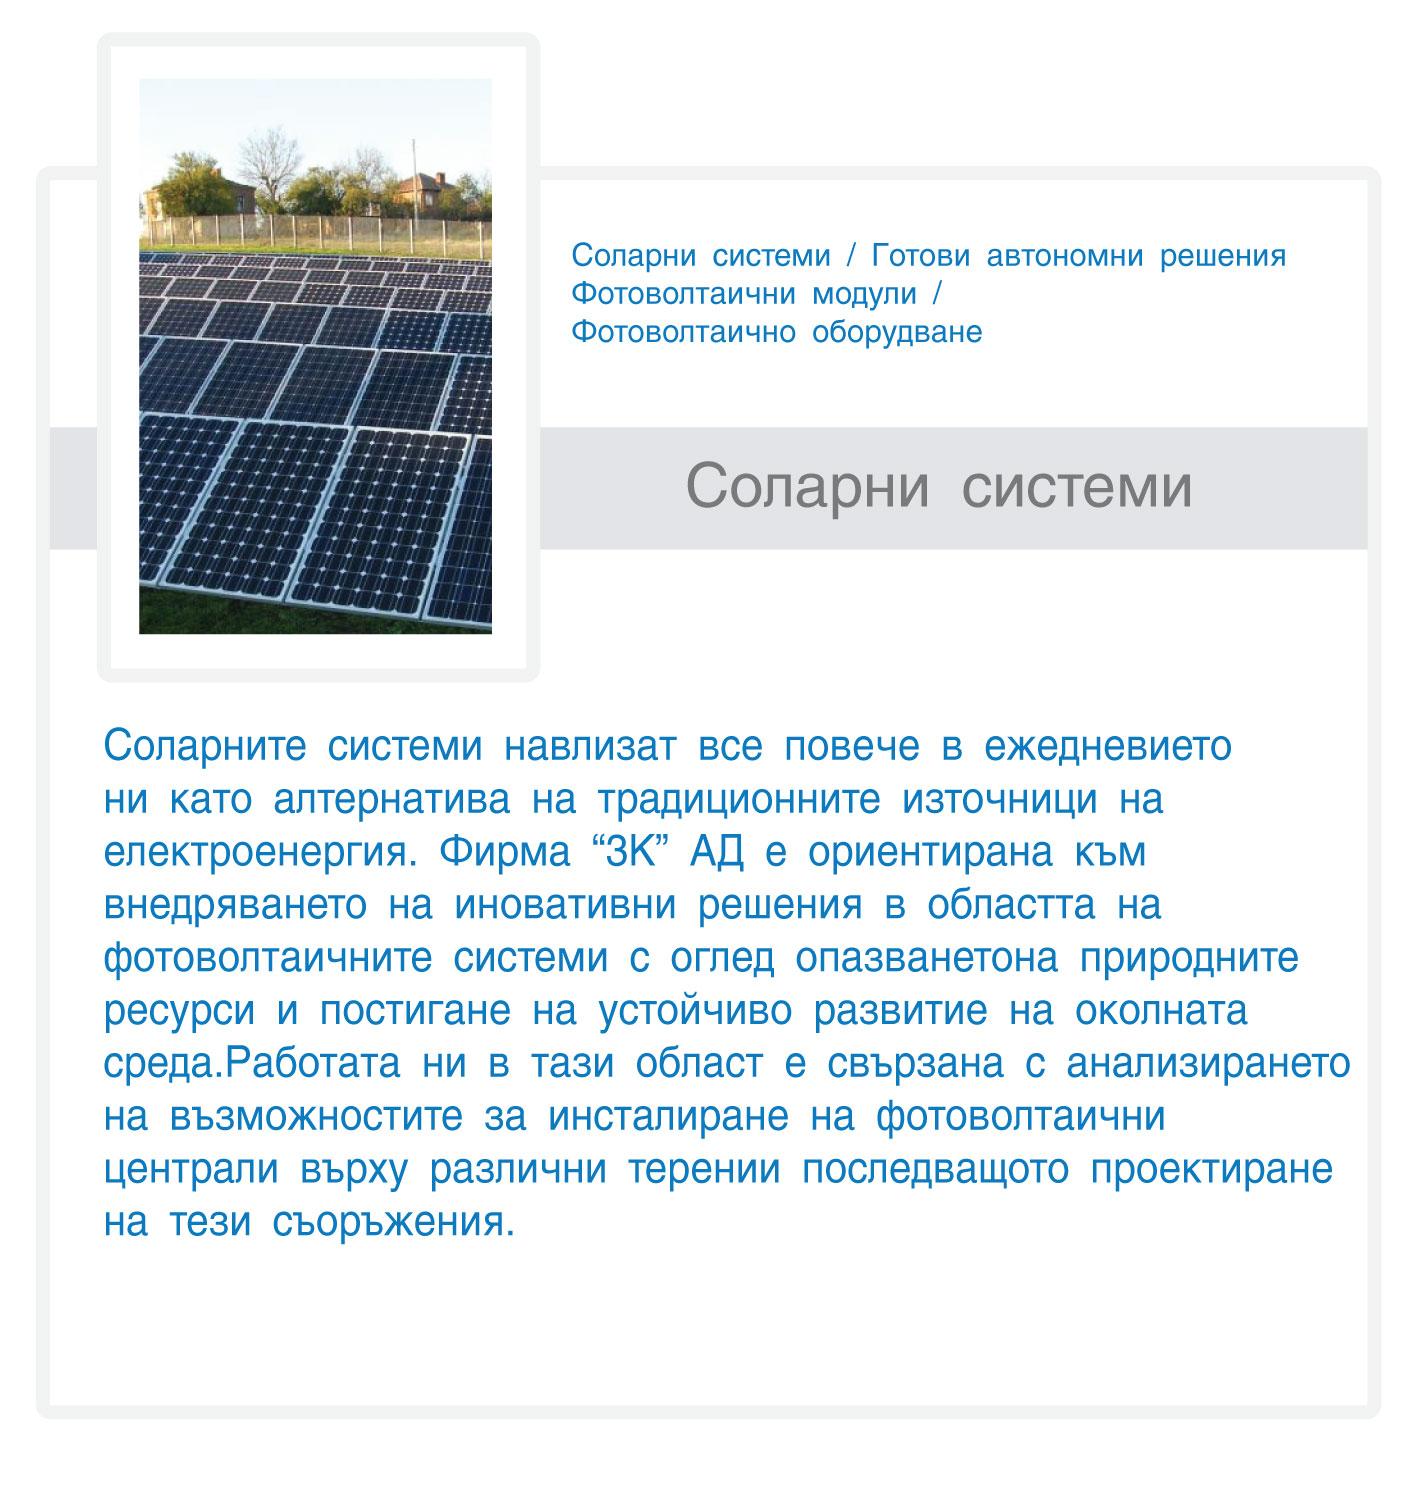 соларни--системи